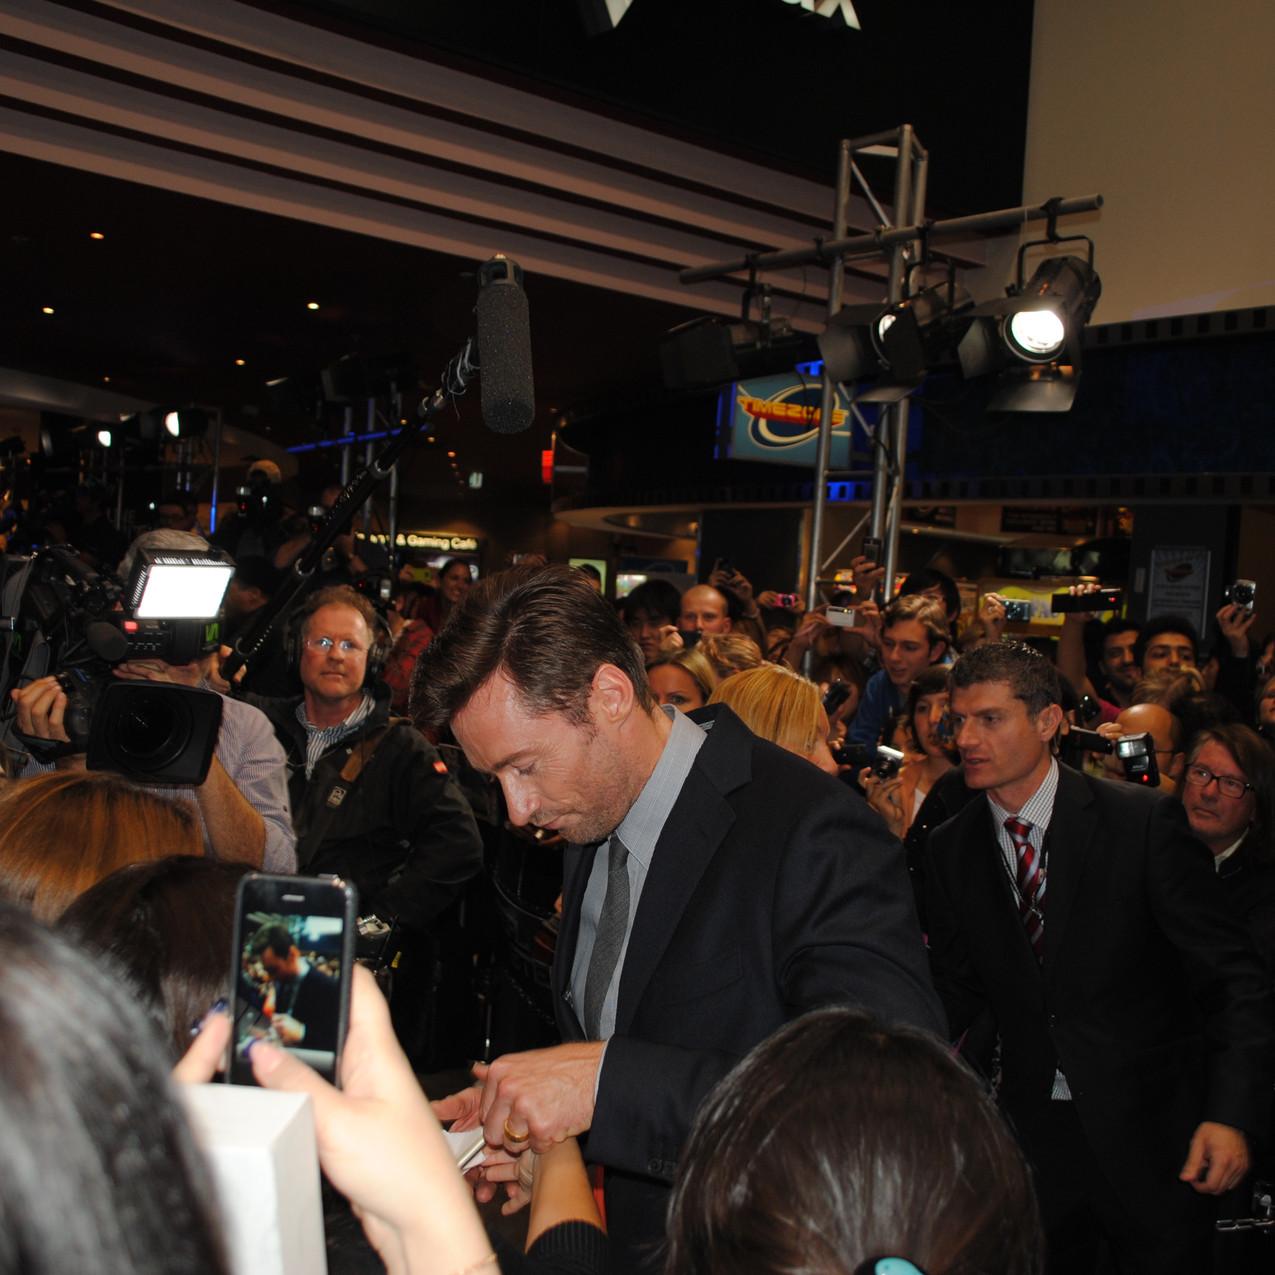 Meeting Hugh Jackman!!